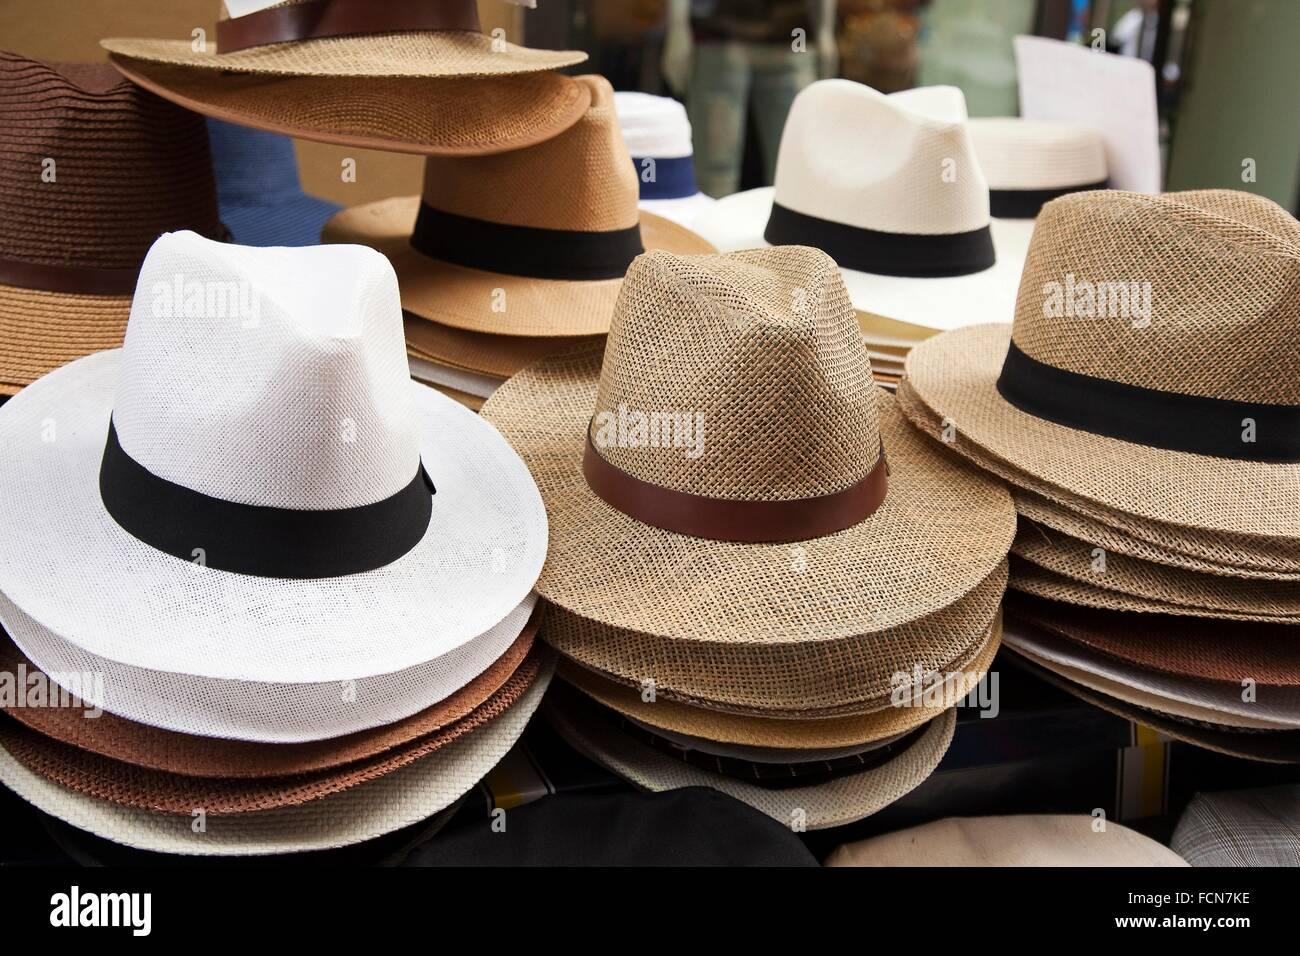 a809d710d5396 Sombreros de Panamá para la venta en la entrada de una tienda ...